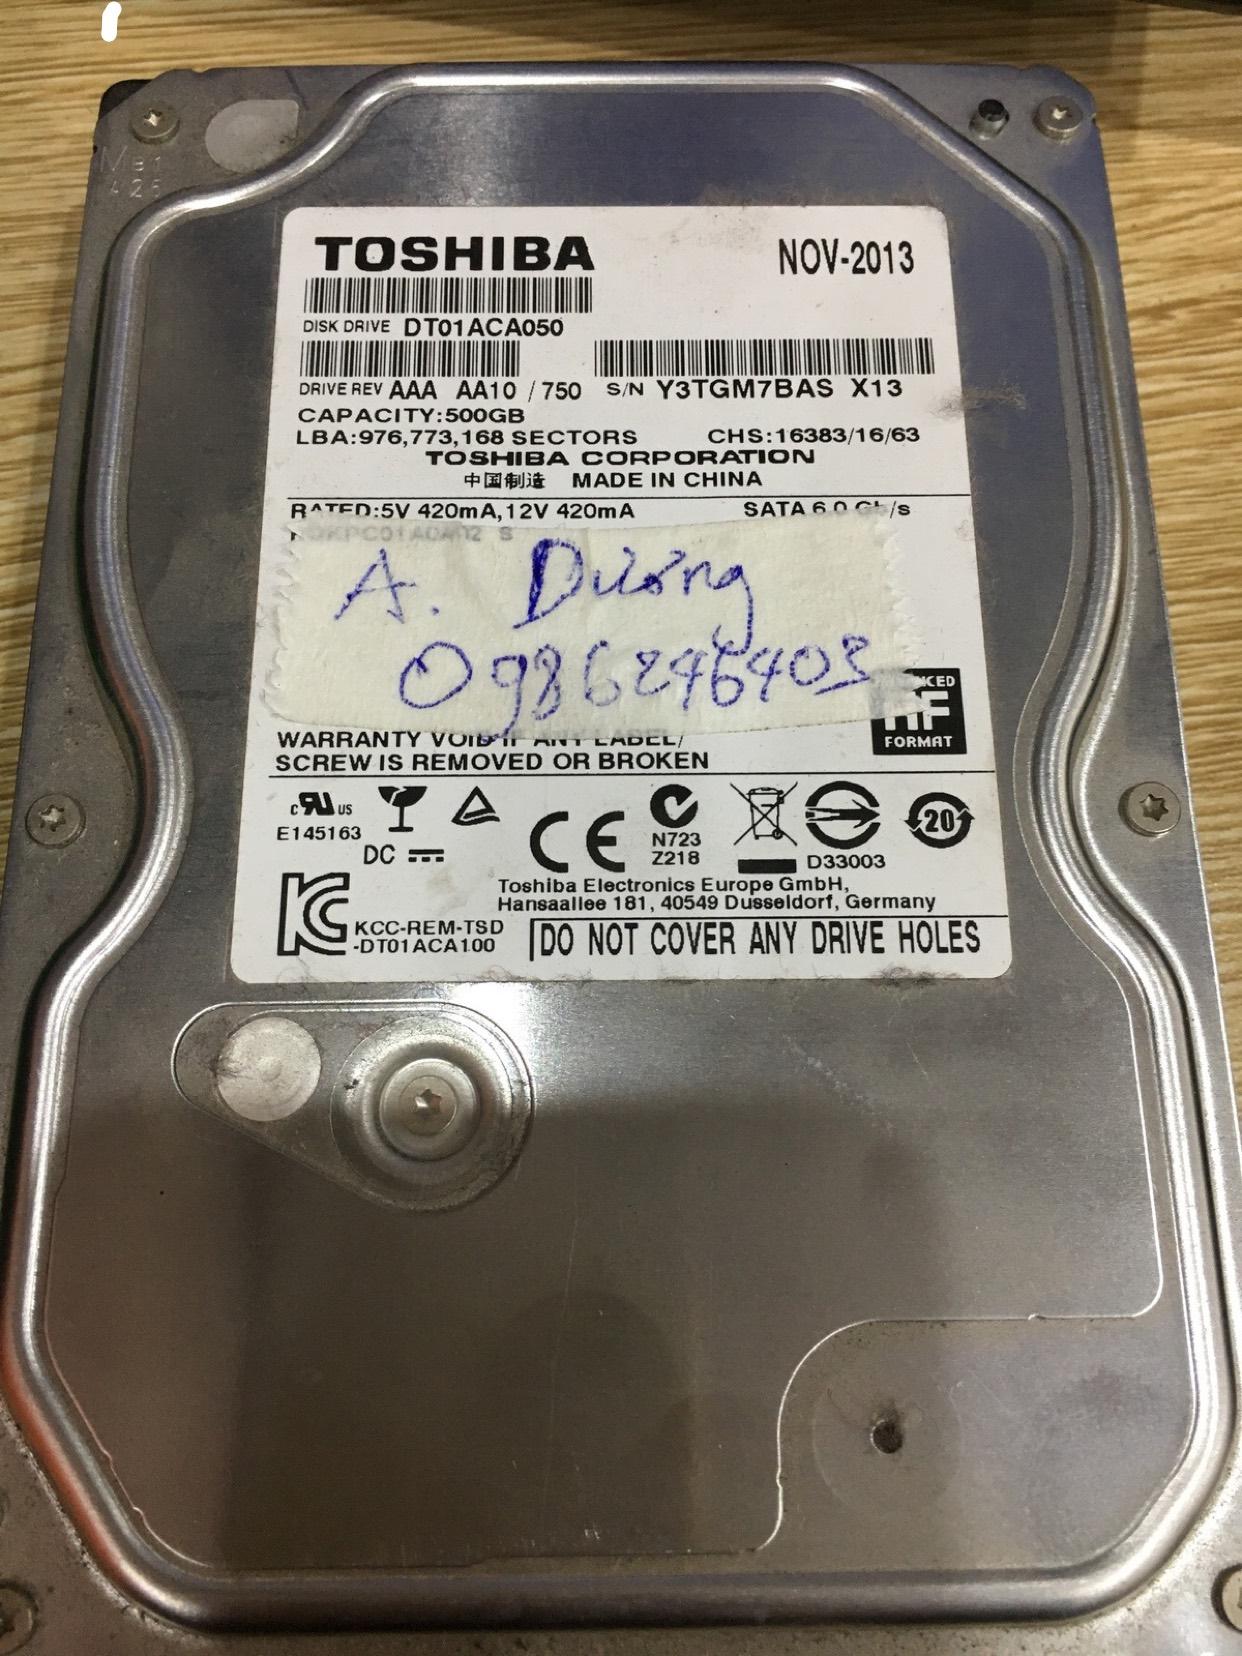 Cứu dữ liệu ổ cứng Toshiba 500GB đầu đọc kém 24/03/2020 - cuumaytinh